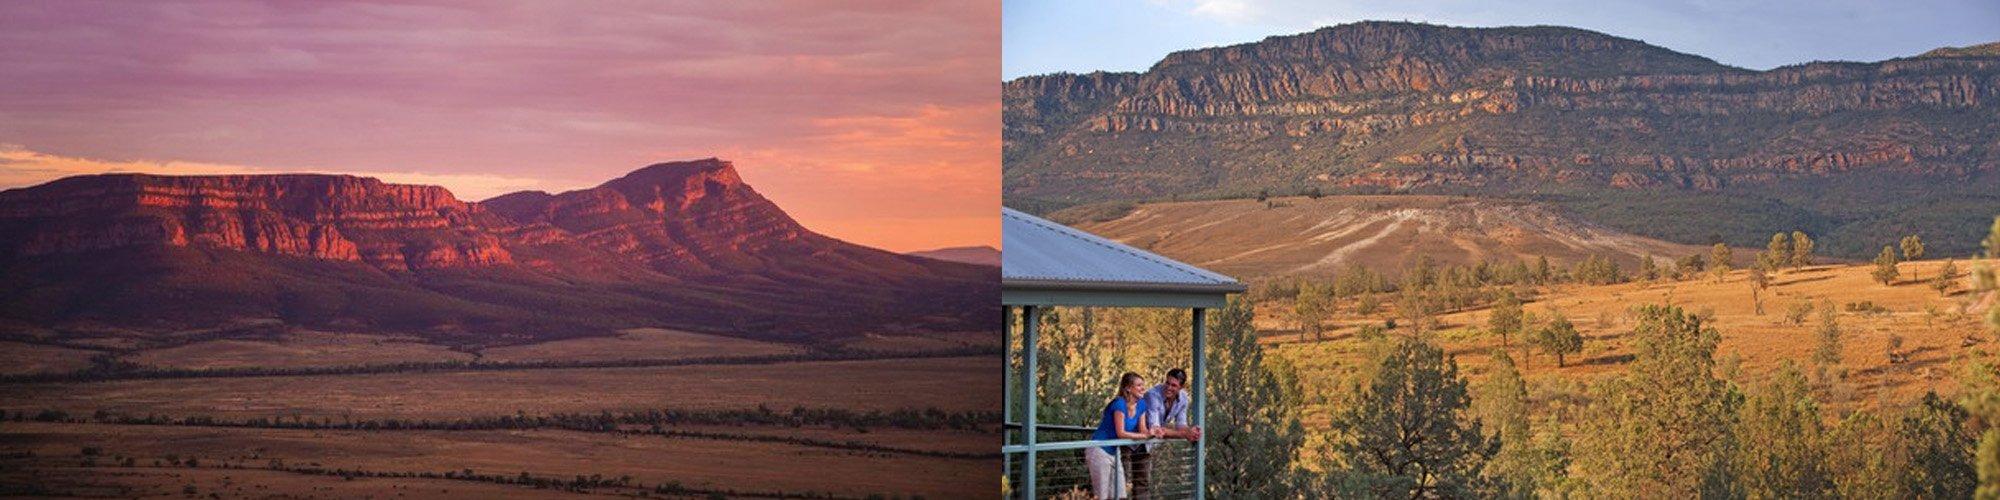 7 Day Flinders Ranges walk